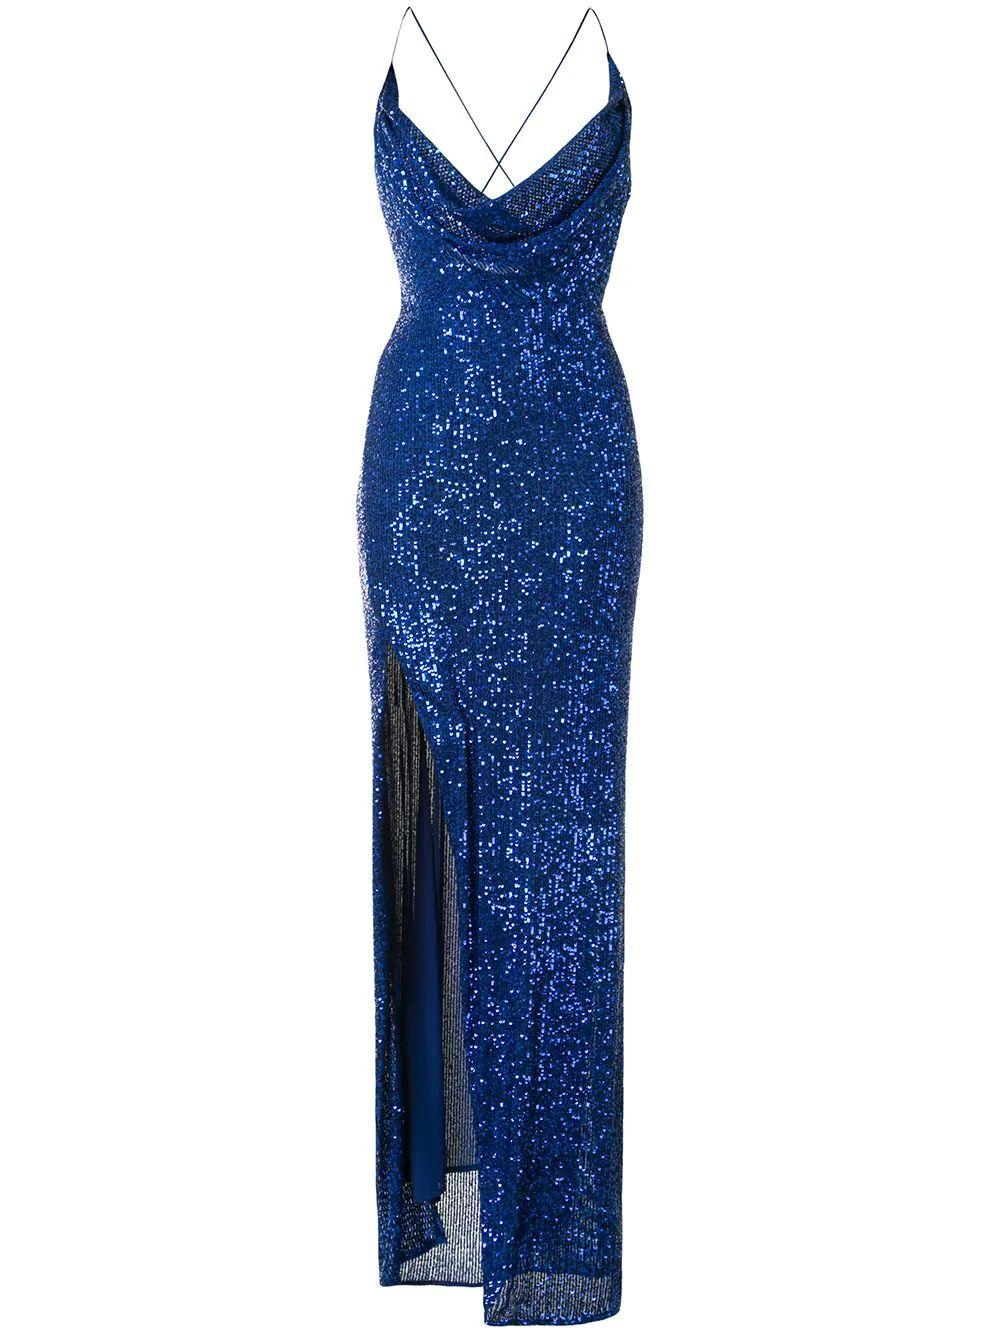 Milena Sequin Gown